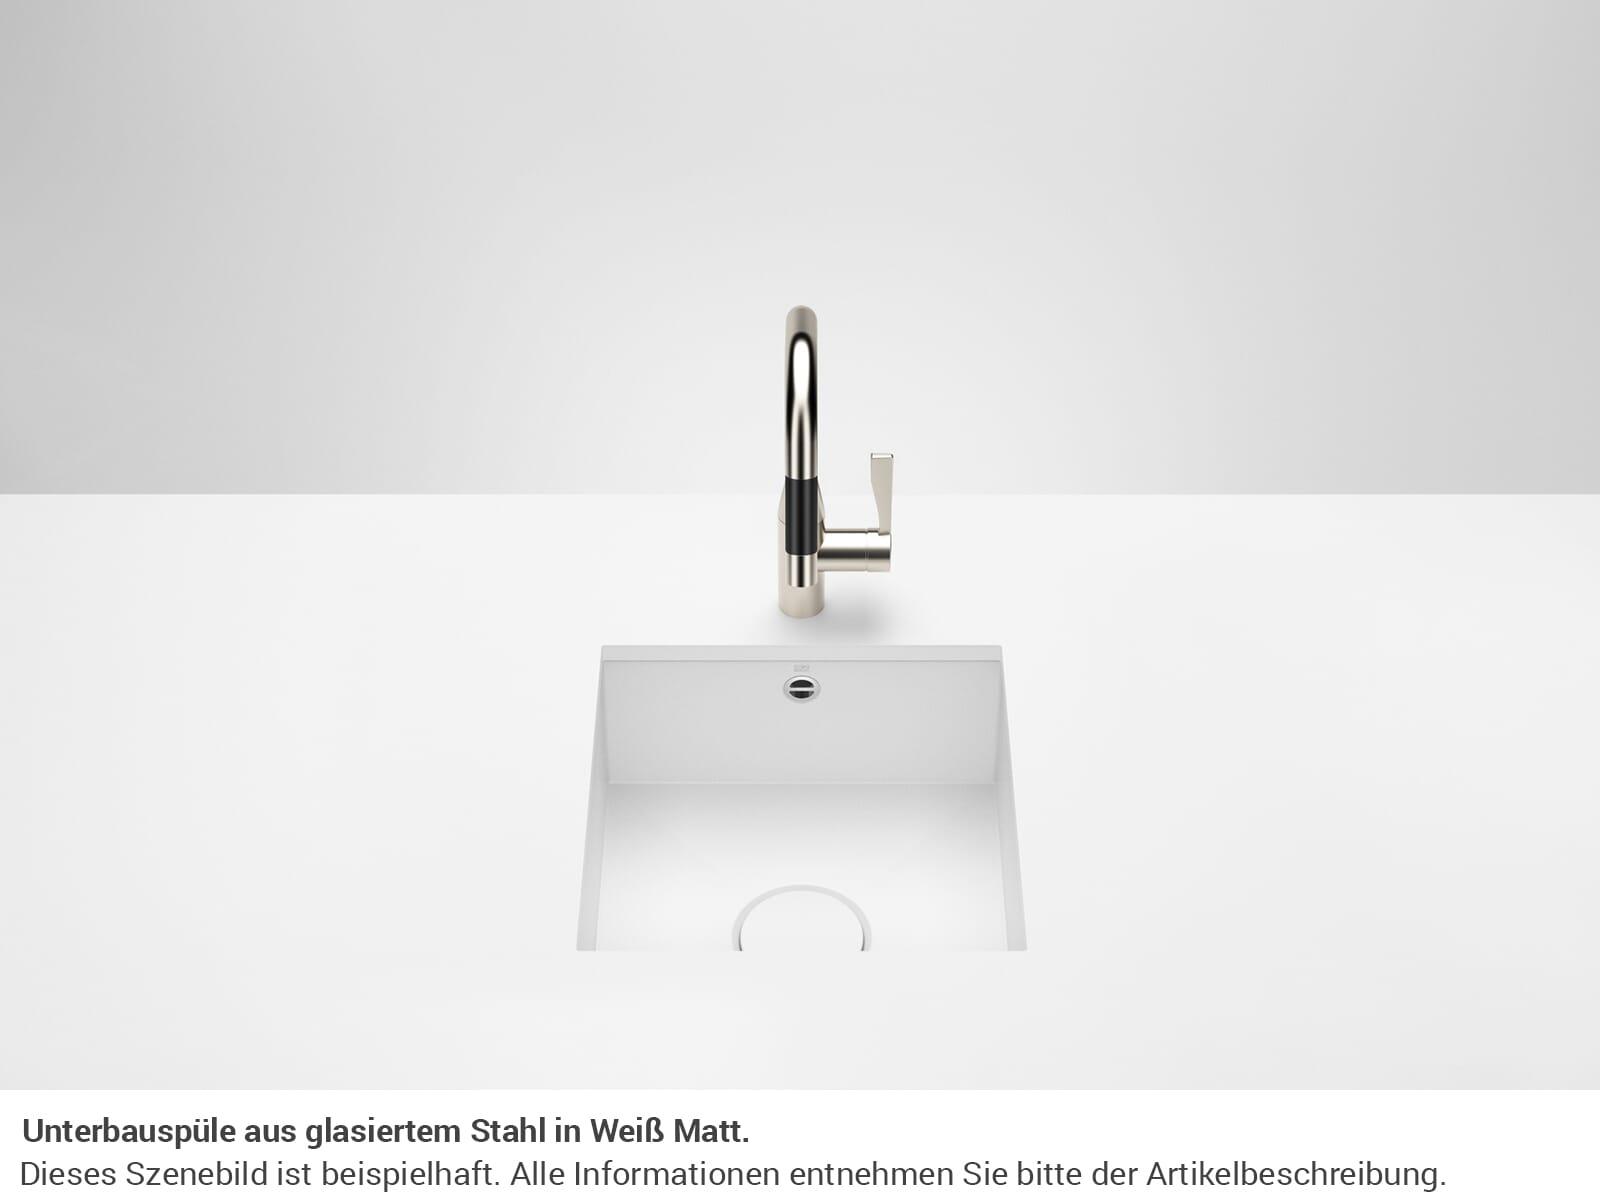 Dornbracht Unterbau-Spüle Glasierter Stahl Weiß Matt 38400002-62